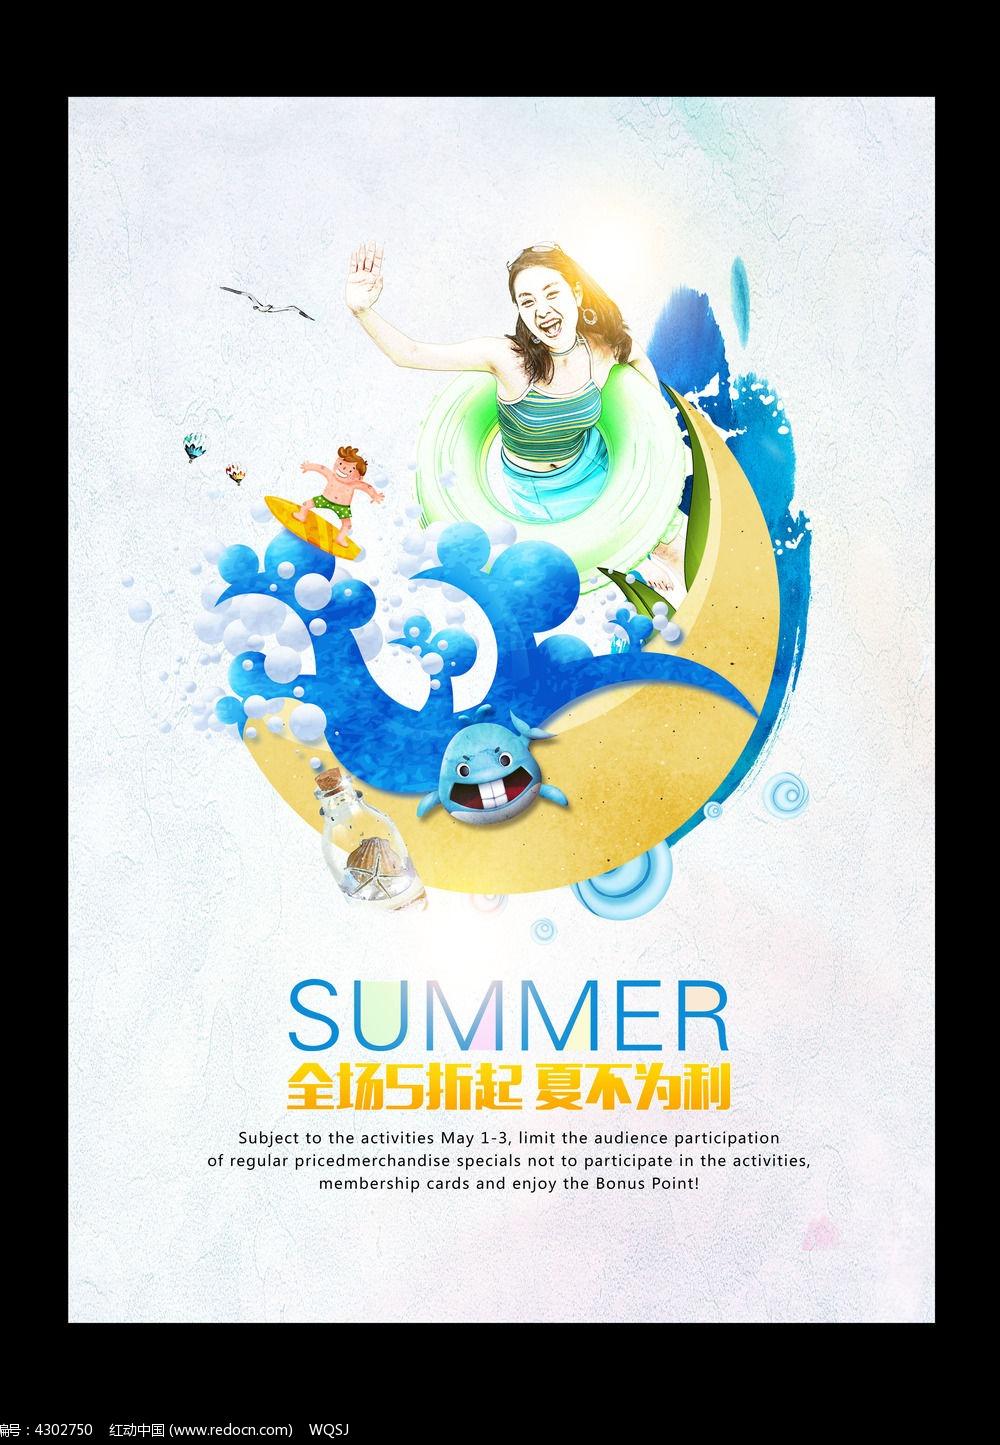 手绘风格夏日活动海报设计图片